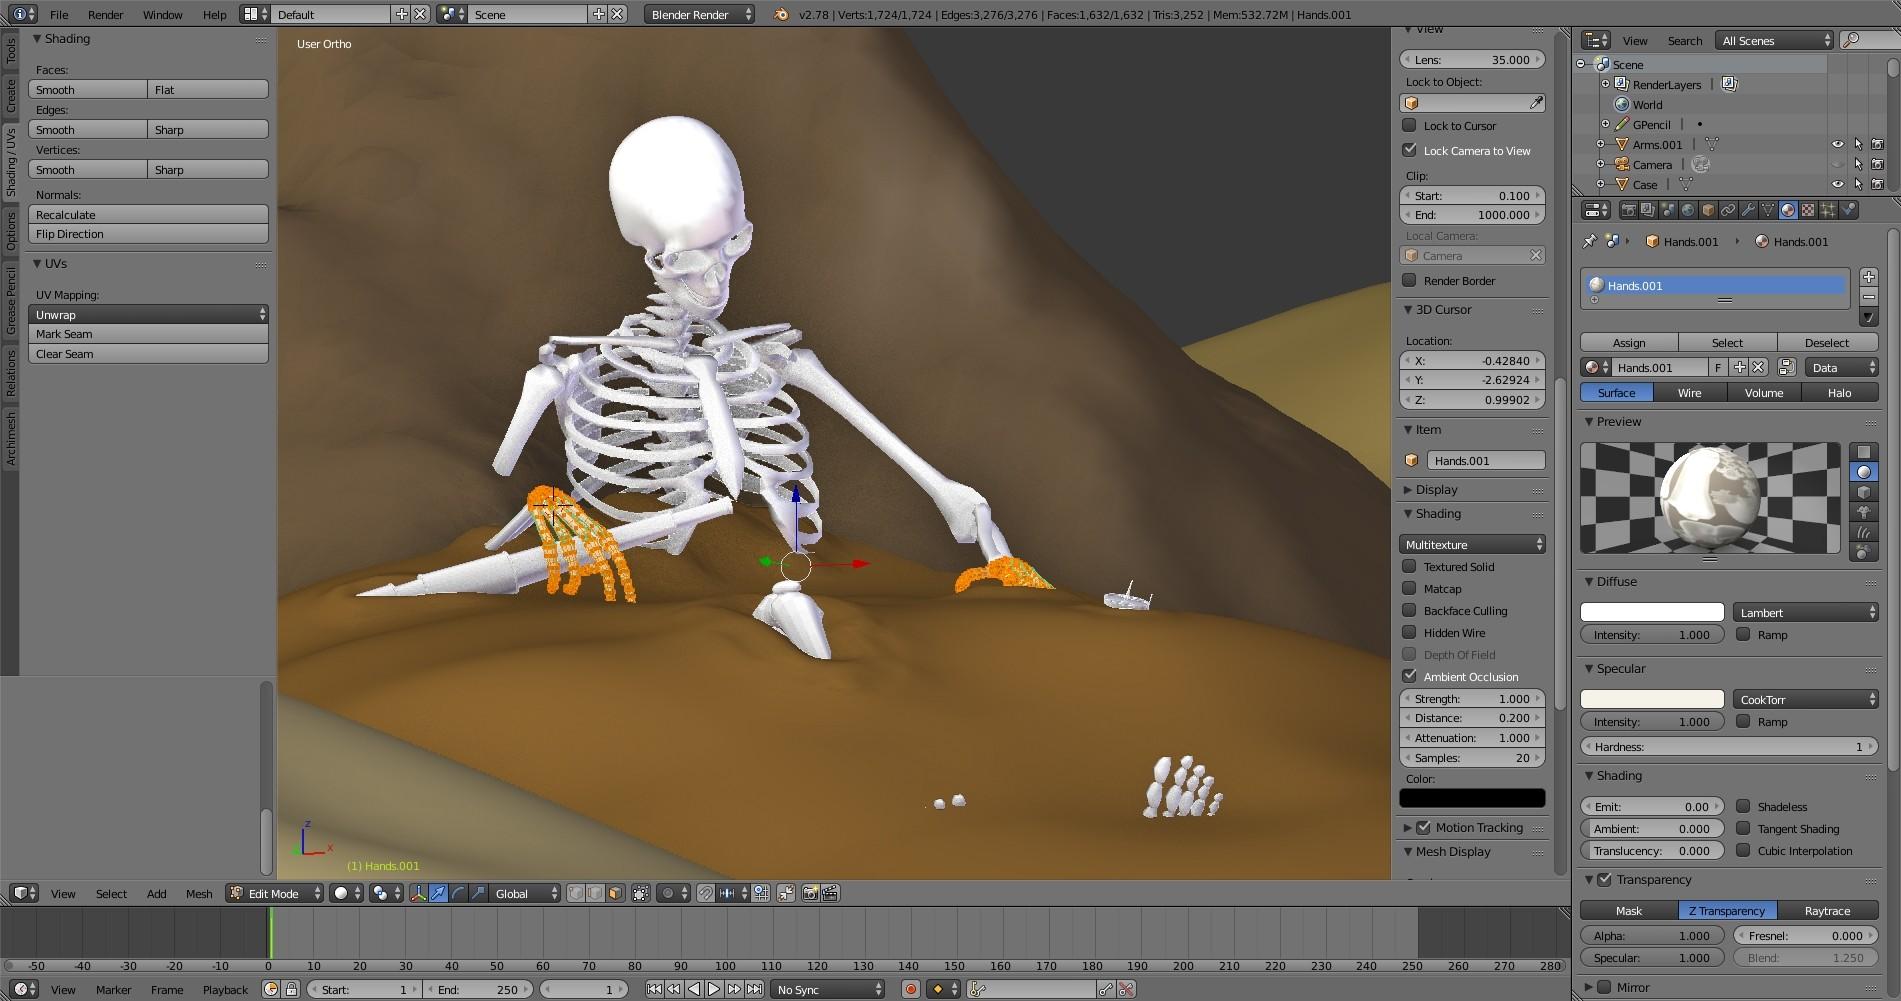 ArtStation - Scale & Bone - Resting Skeleton TEASER Poster, Jonathan